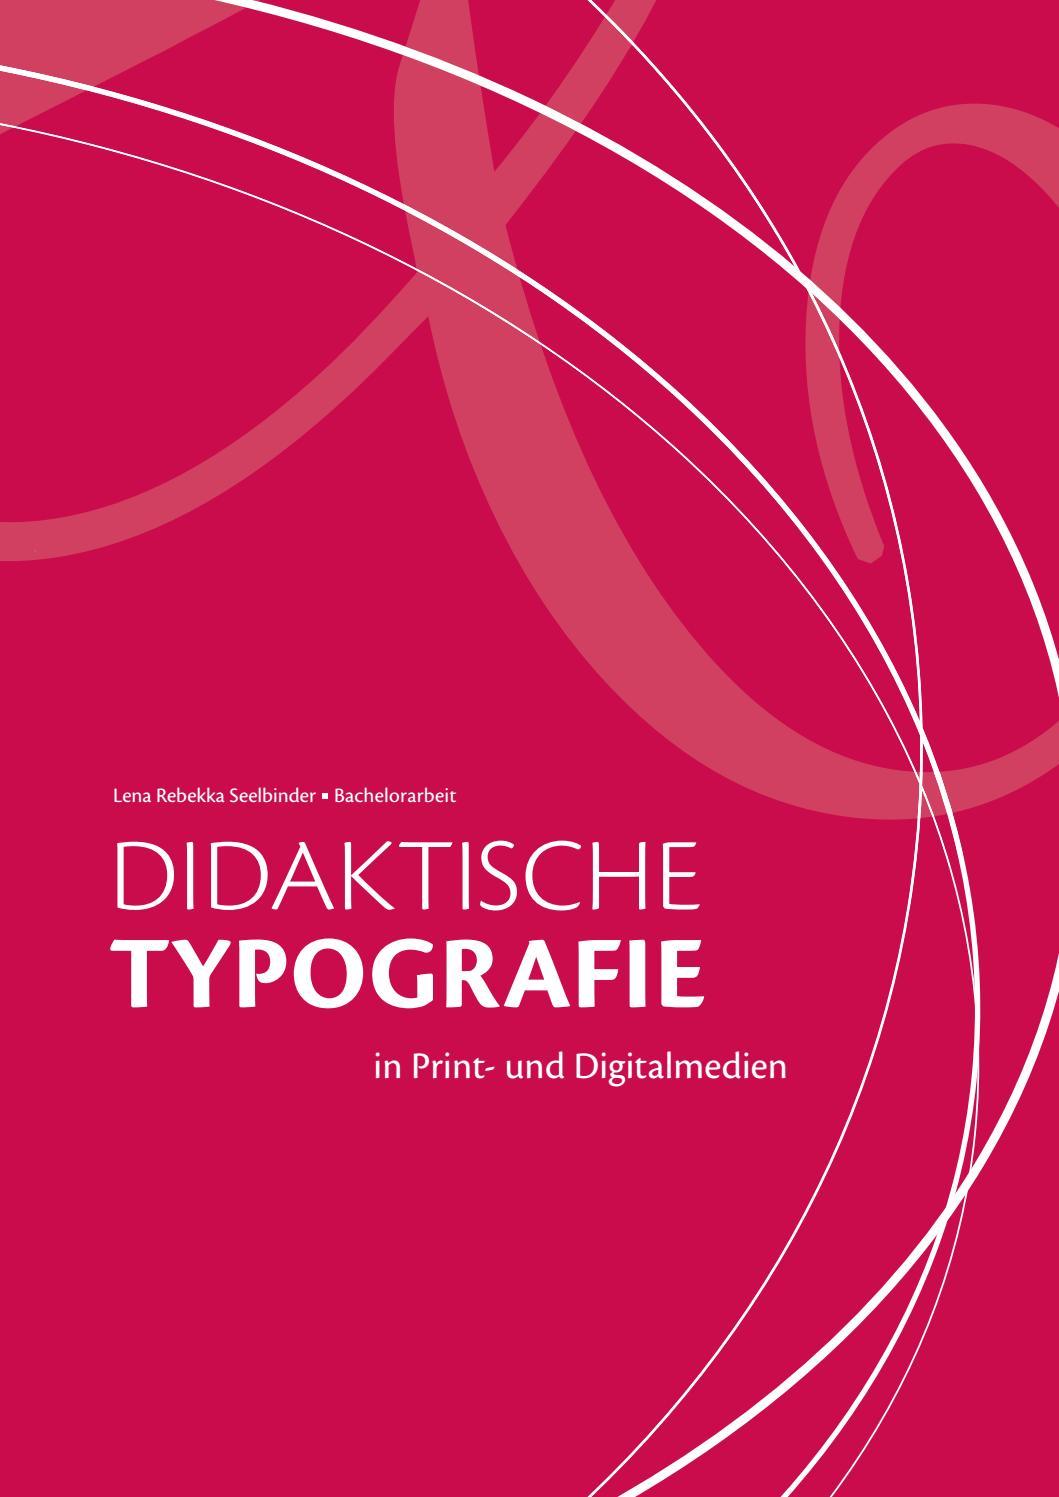 Didaktische Typografie in Print- und Digitalmedien by Lena Rebekka ...